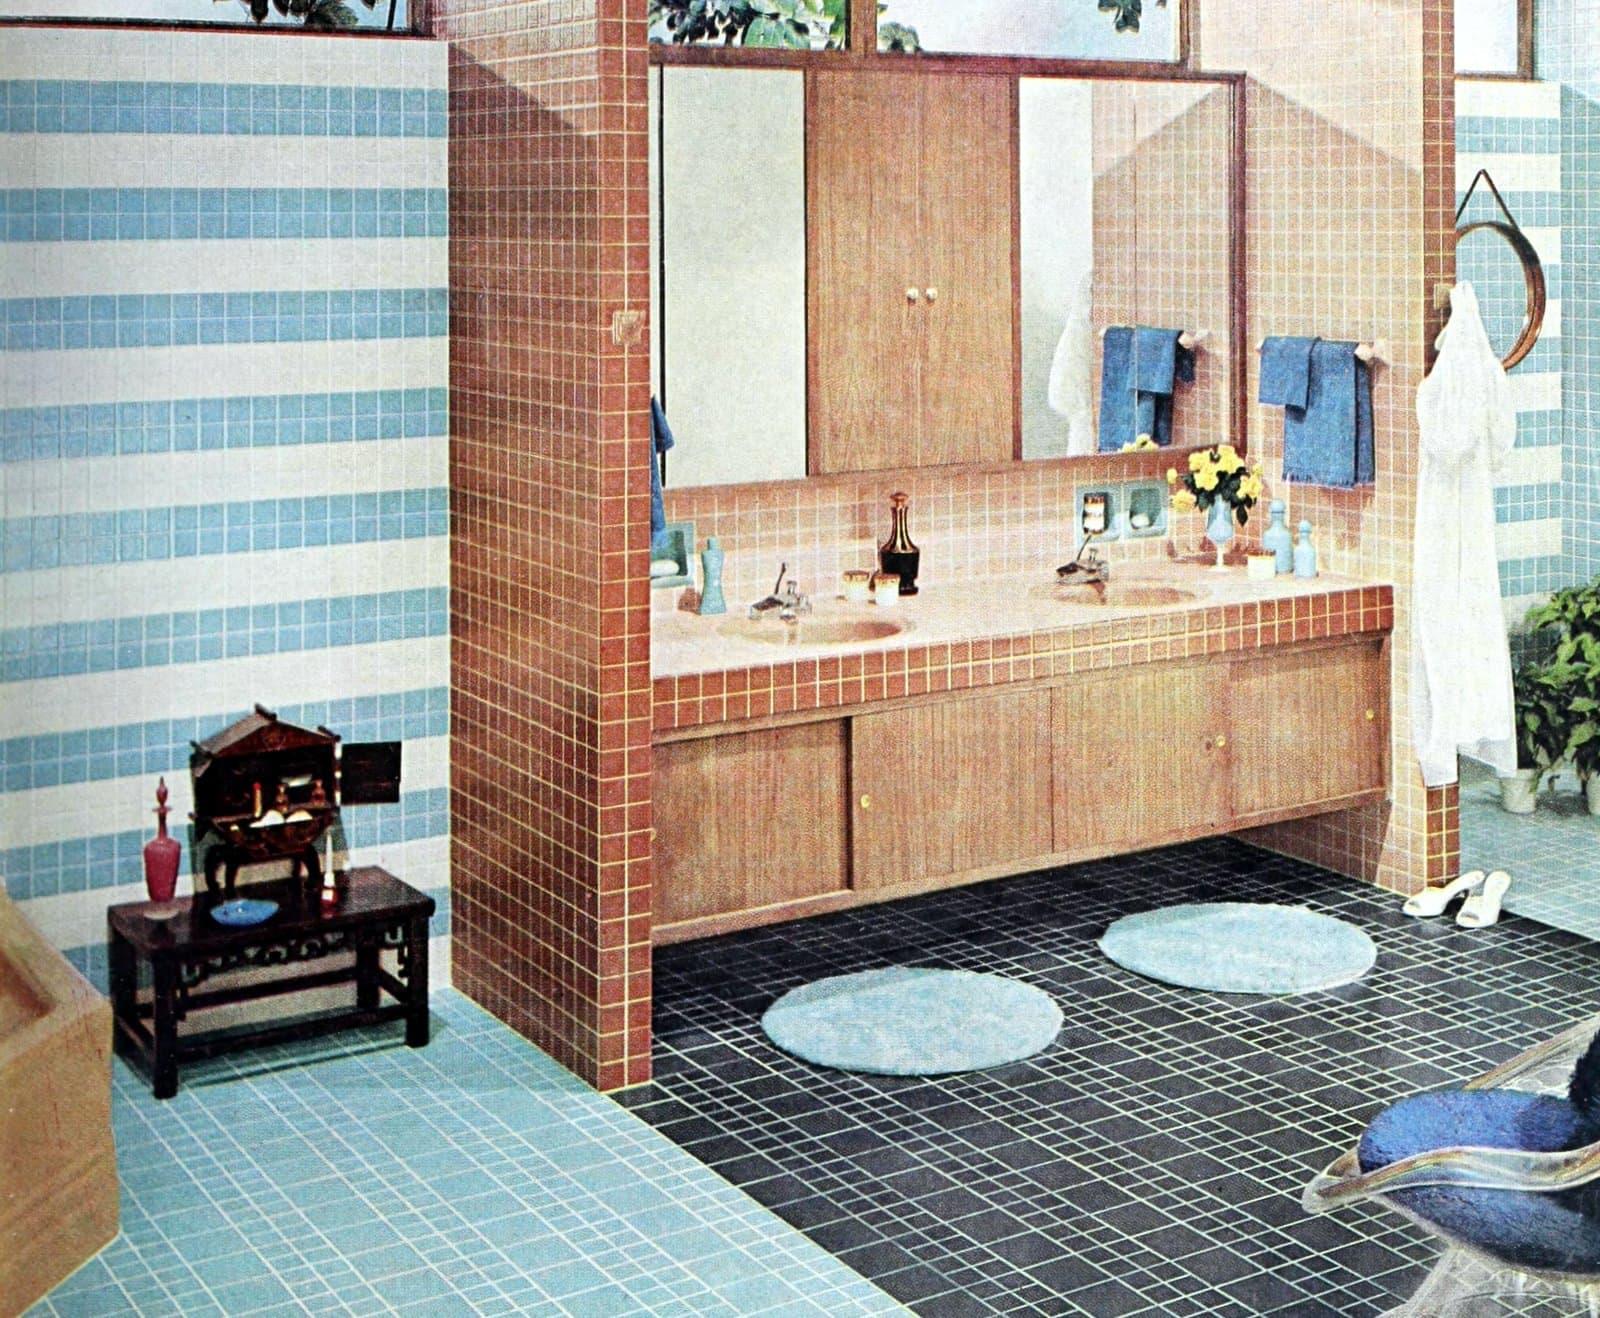 Vintage tile designs in a retro 60s bathroom